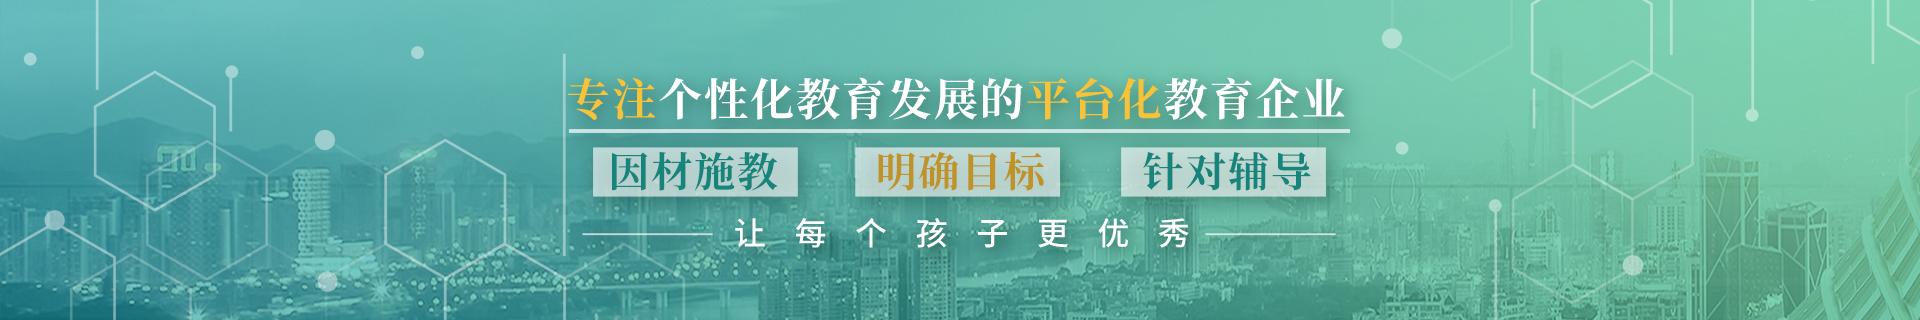 西安未央海璟时代秦学教育中小学辅导机构